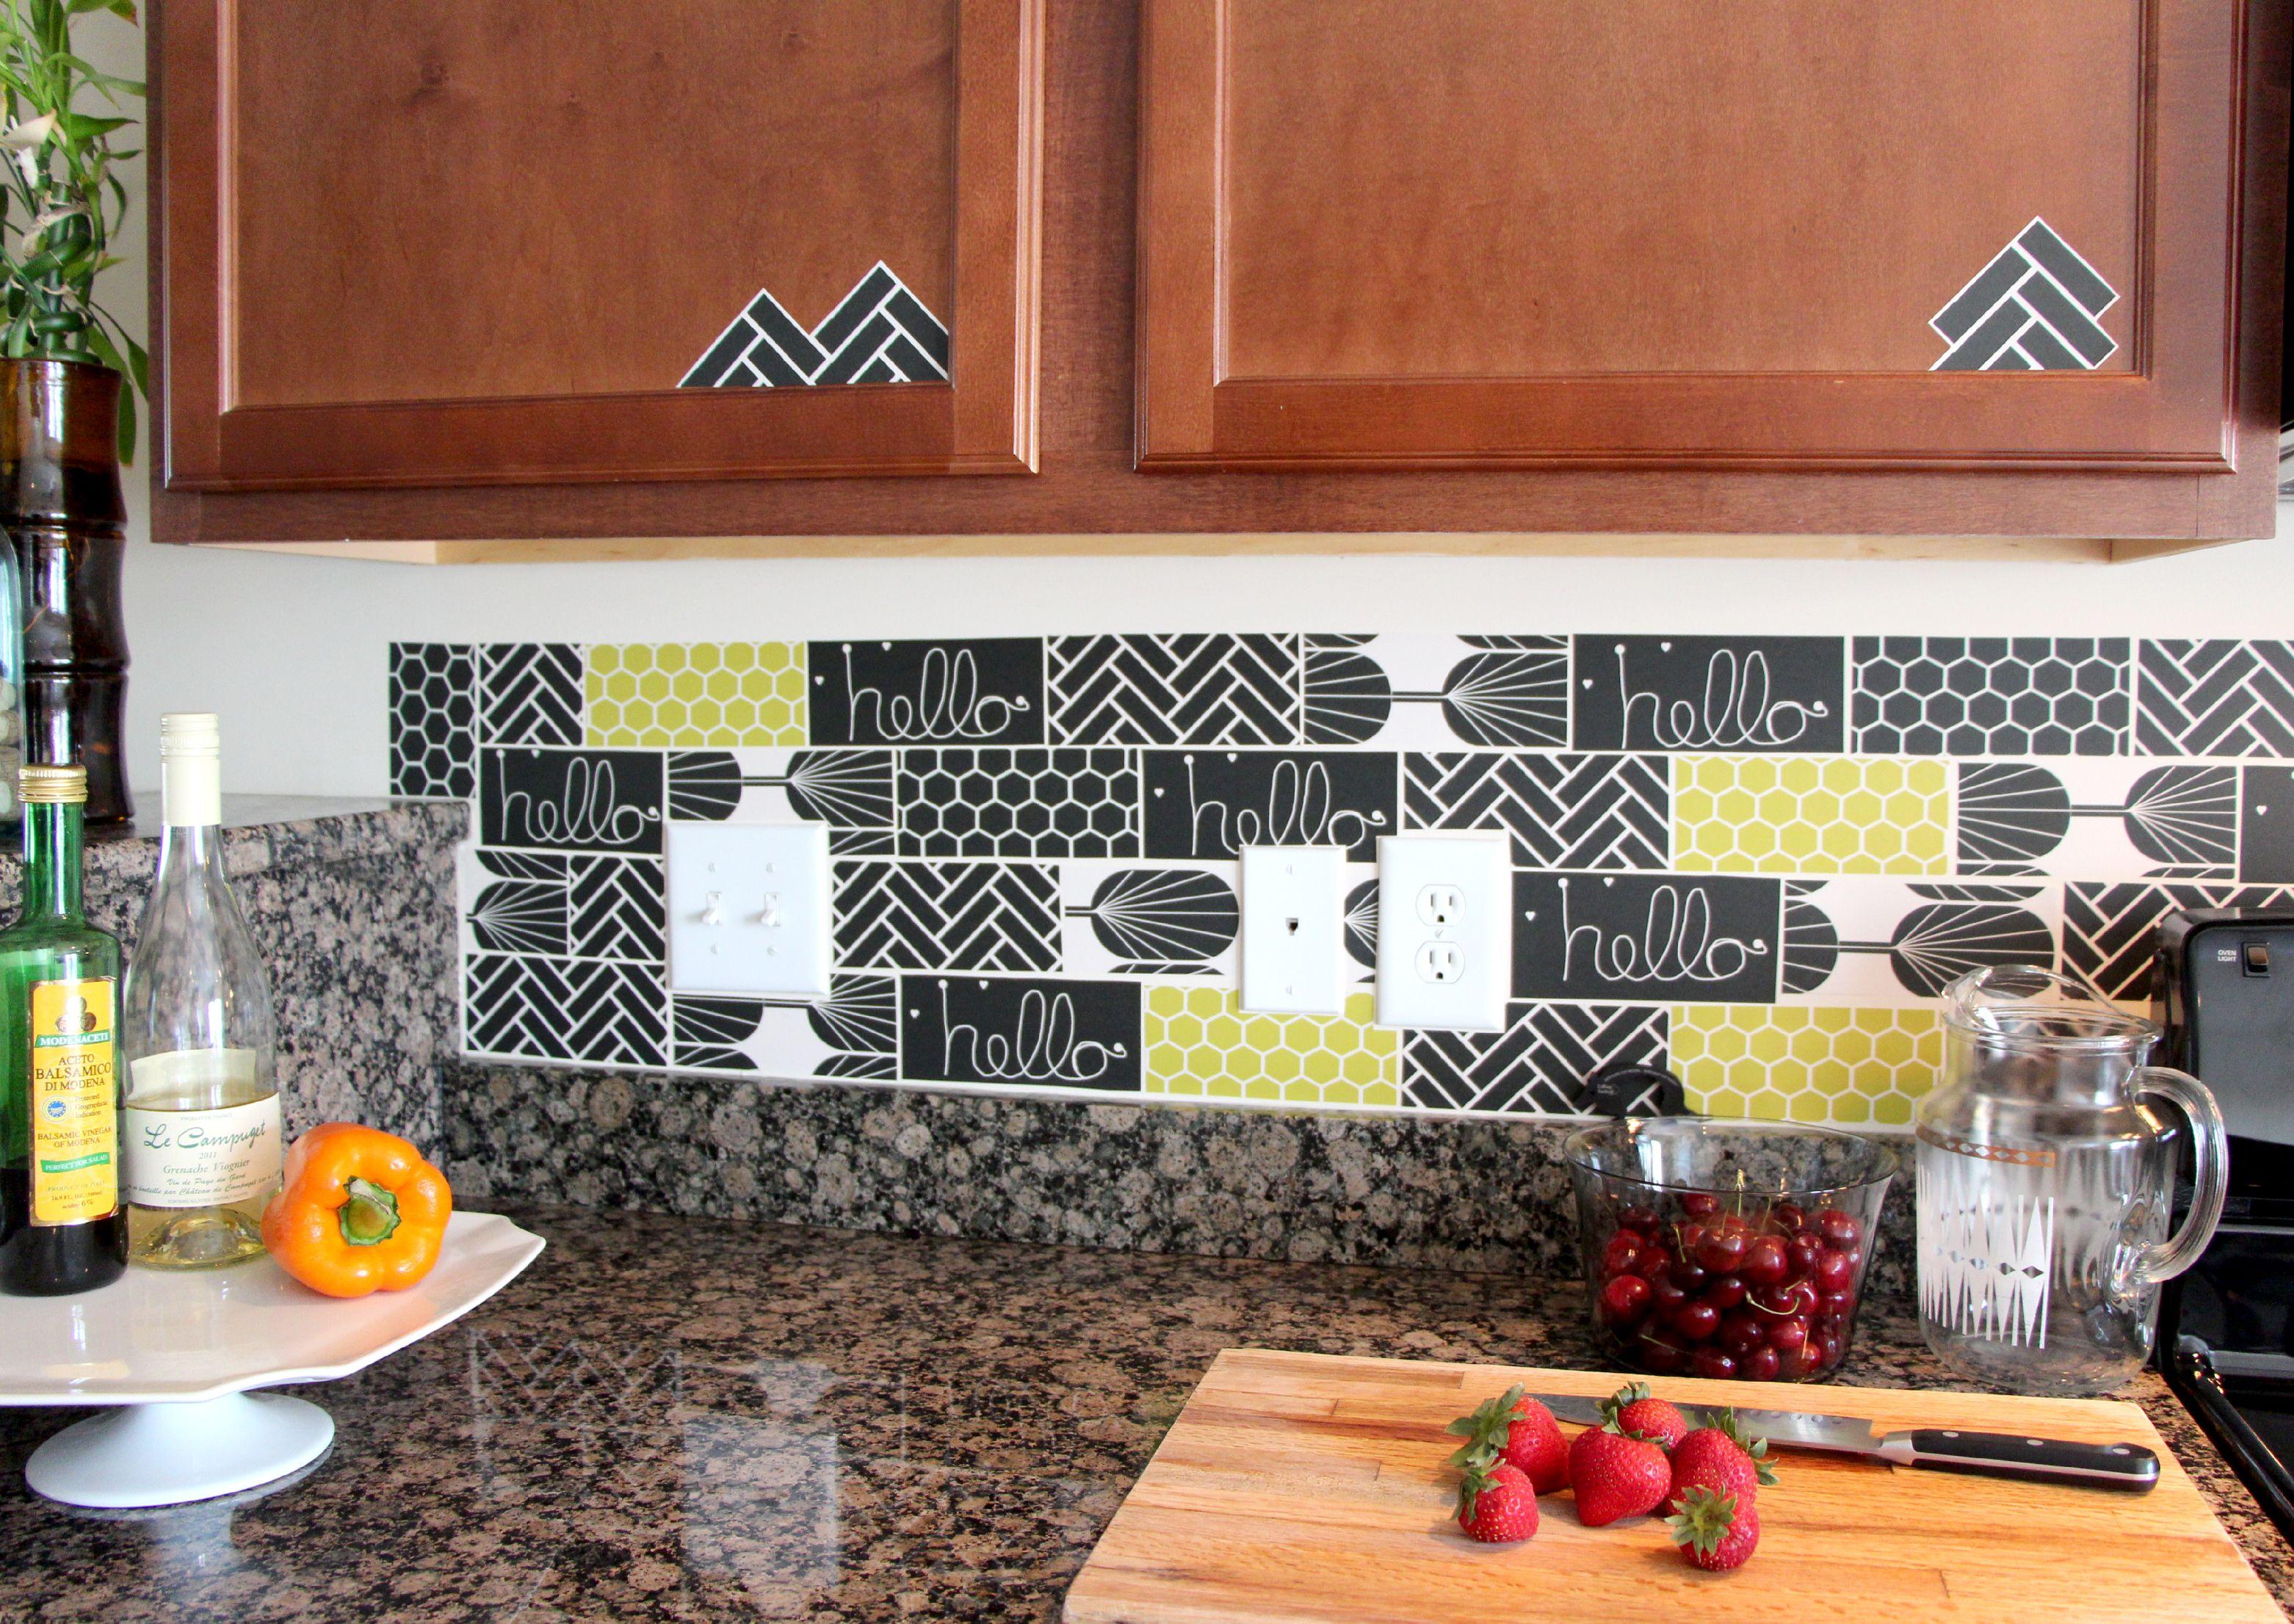 Moderne Kuche Tapeten Moderne Kuche Wallpaper Designs Coole Kuche Tapeten Badezimmer Tapeten Vinyl Rental Kitchen Kitchen Wallpaper Unique Kitchen Backsplash